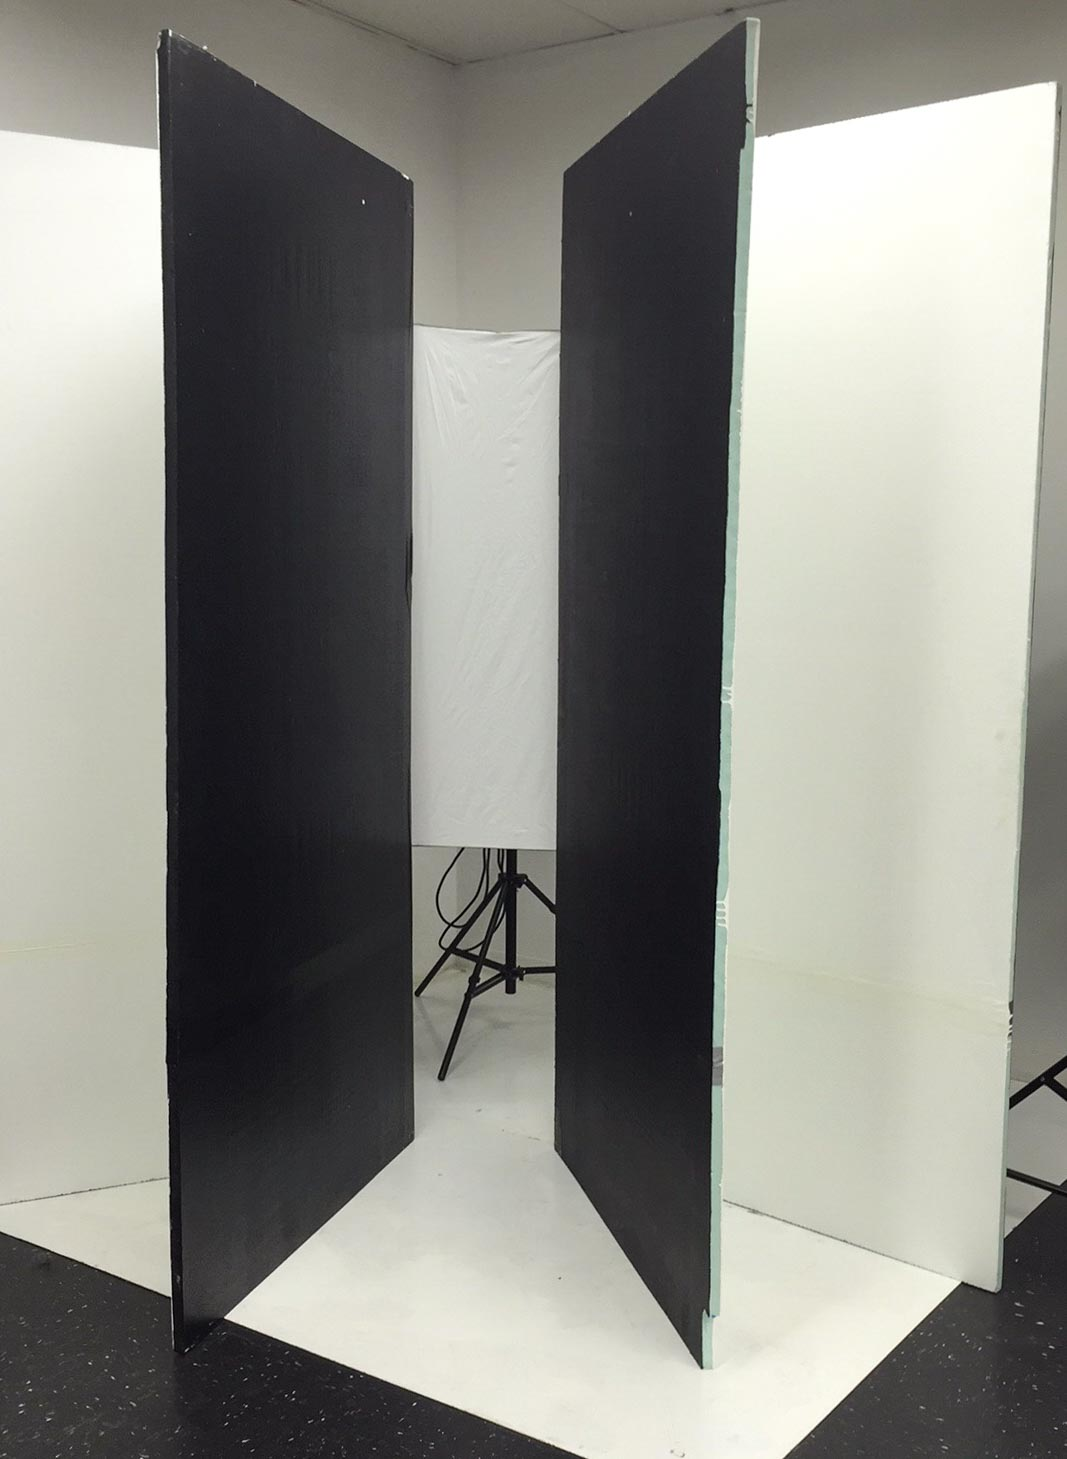 Basic v-flat & light setup. My model stands inside the v-flats against the light.